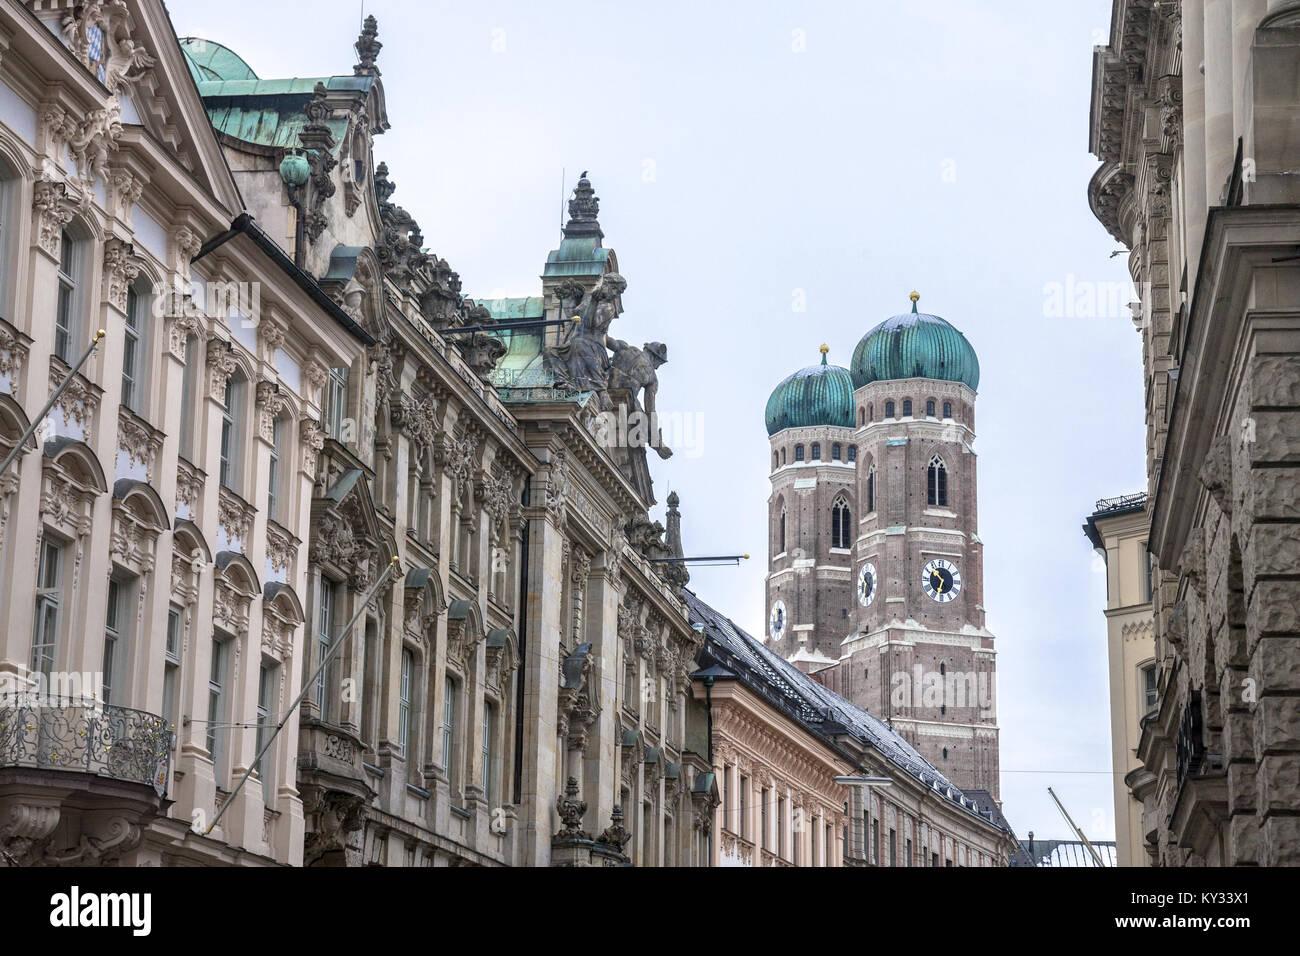 Frauenkirche di Monaco presi da un medievale strada vicina in inverno. La Frauenkirche è una chiesa nella città Immagini Stock